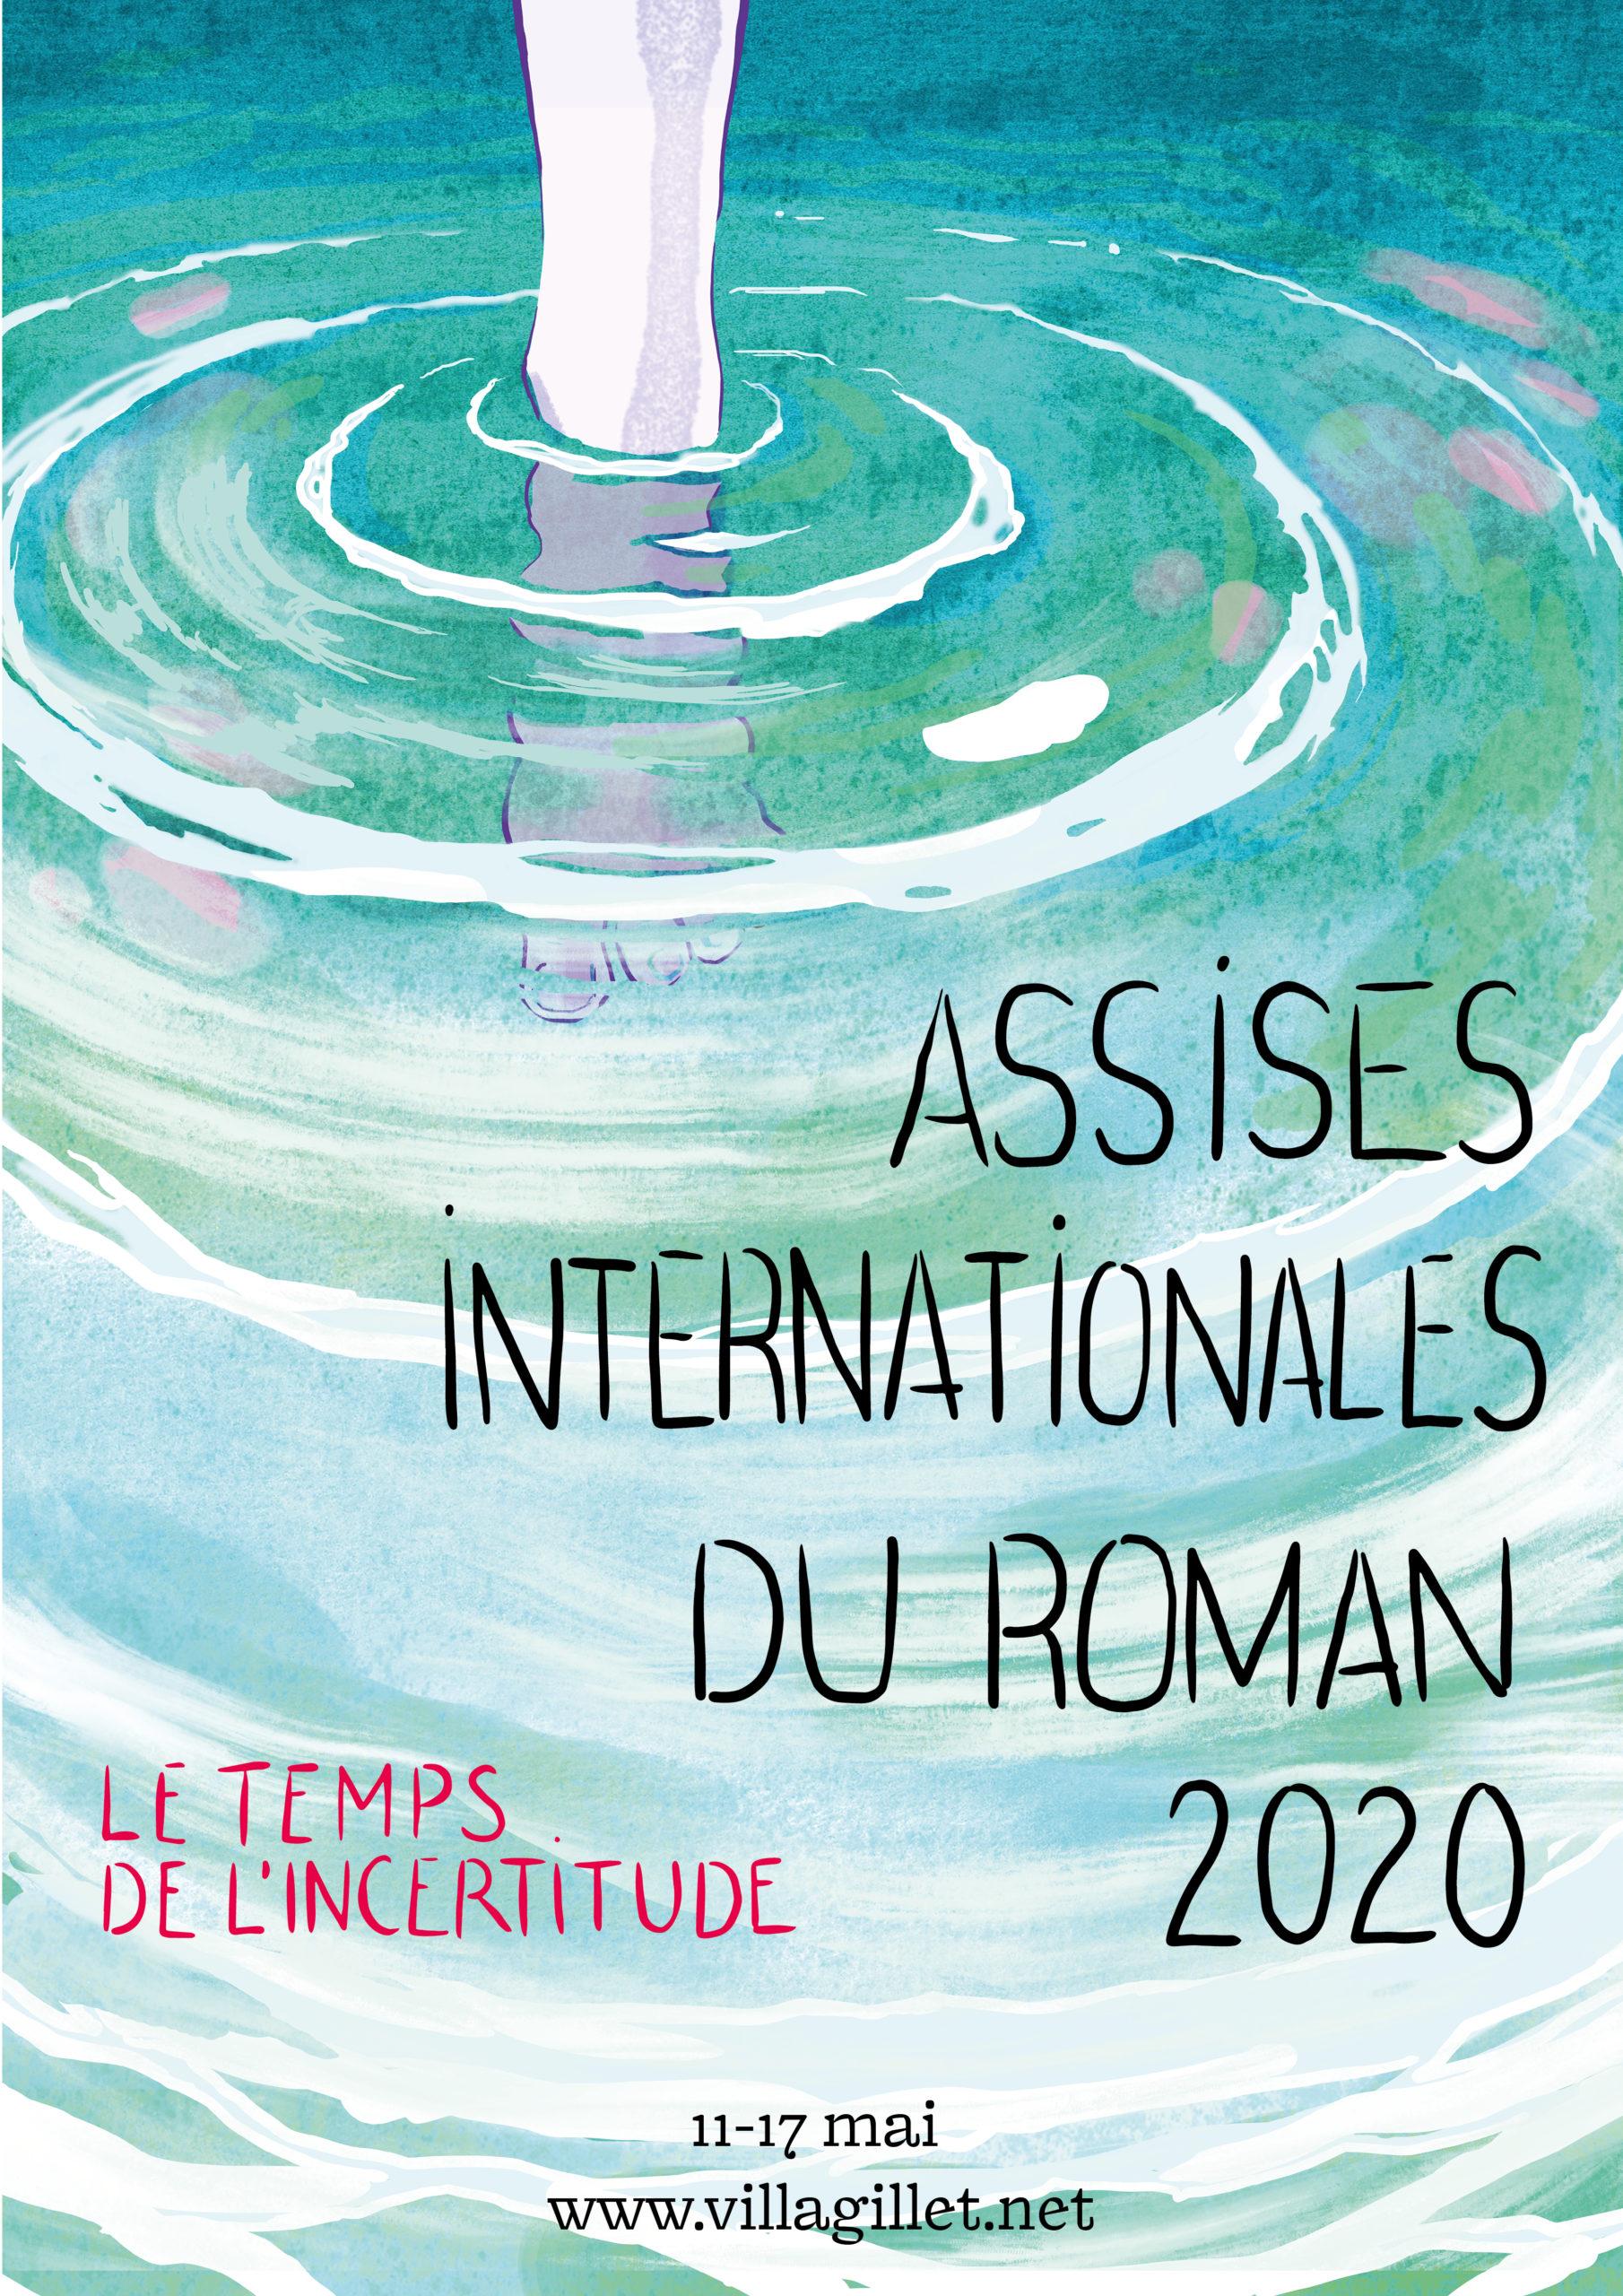 Affiche de Chloé Cruchaudet pour les Assises 2020